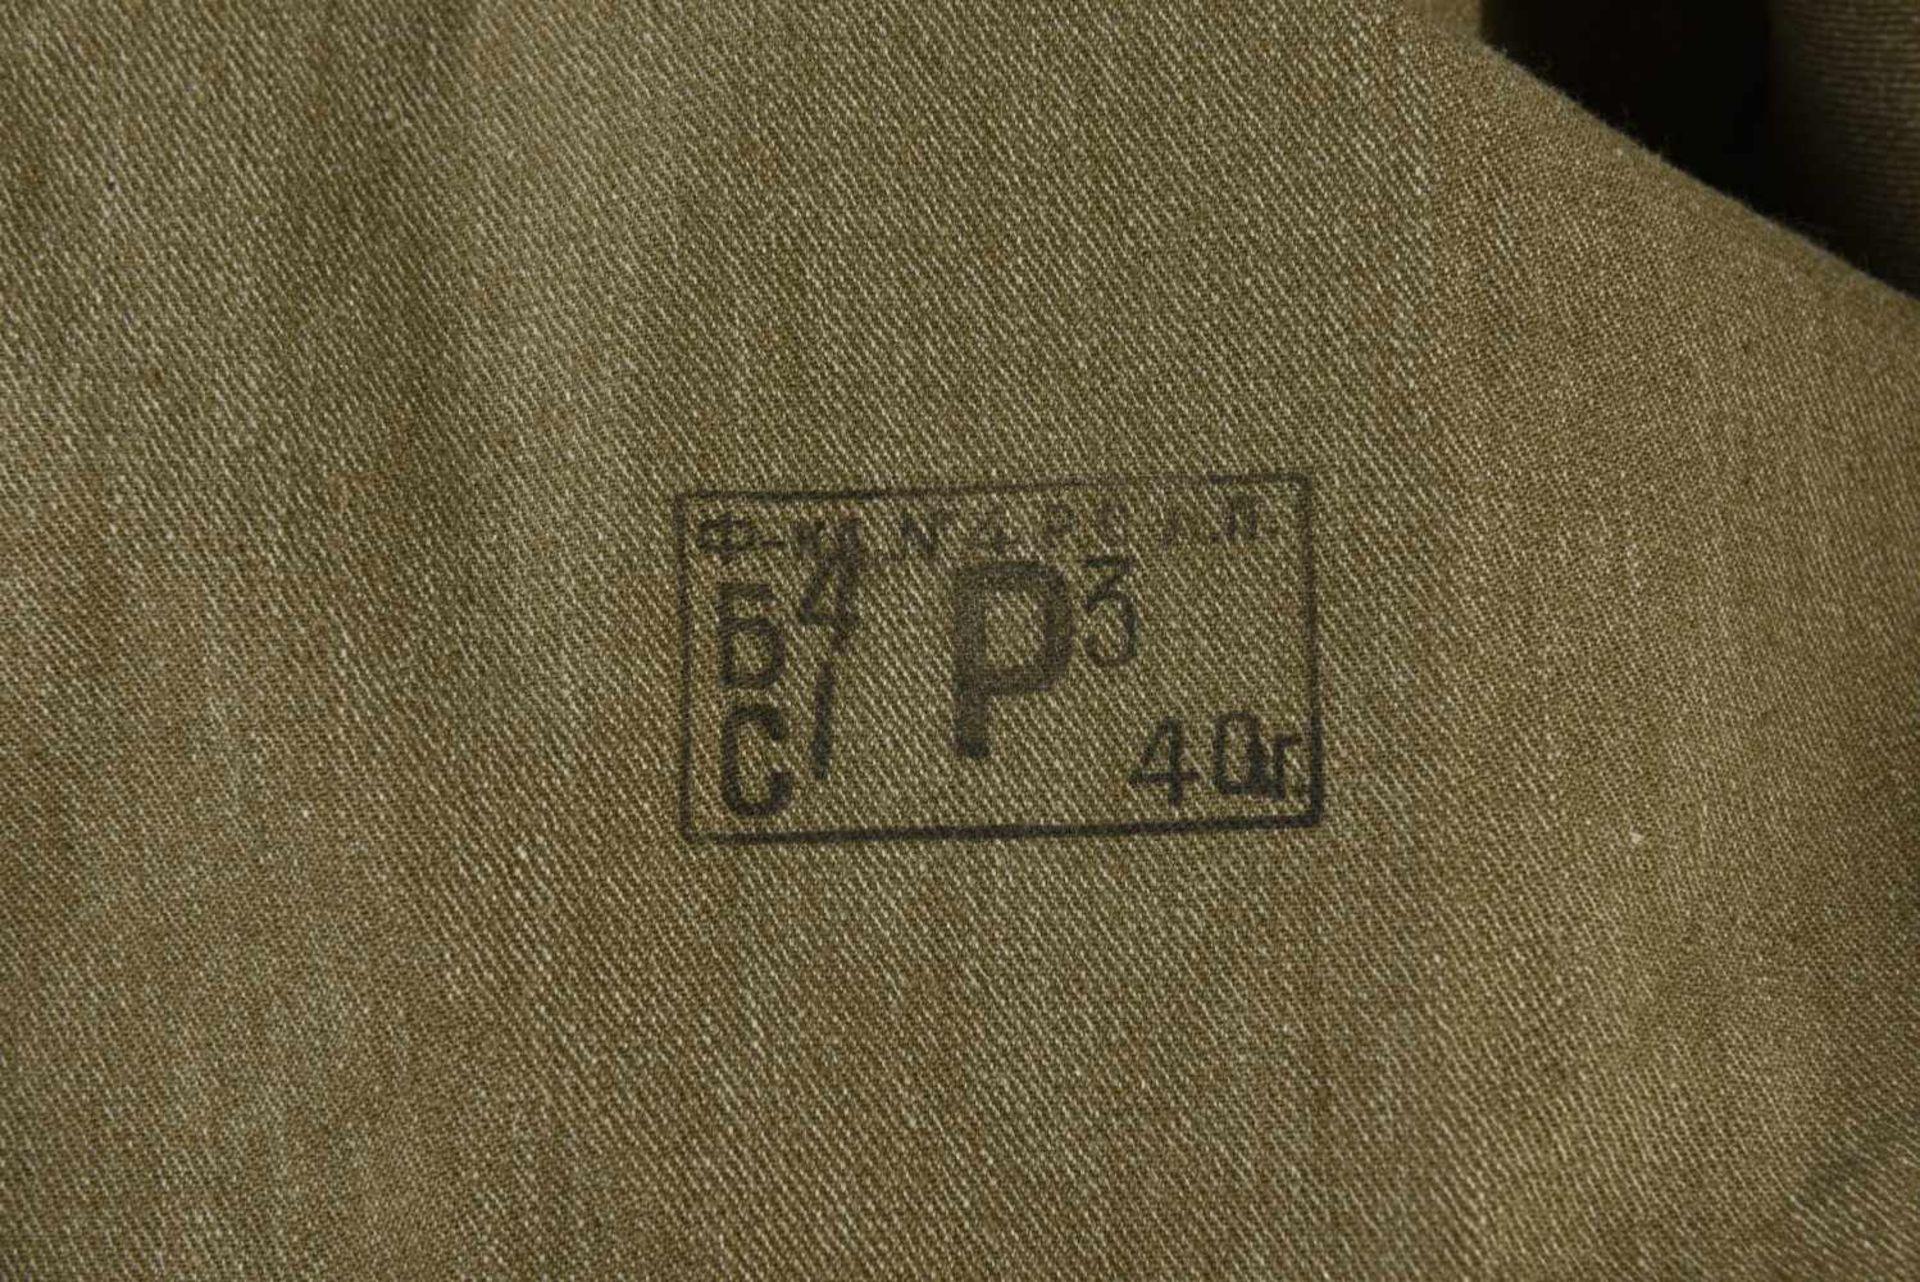 Los 1703 - Gymnasterka M.35 NEUVE, Datée 1940, taille parfaite, complète avec tous ses boutons. Une pièce de